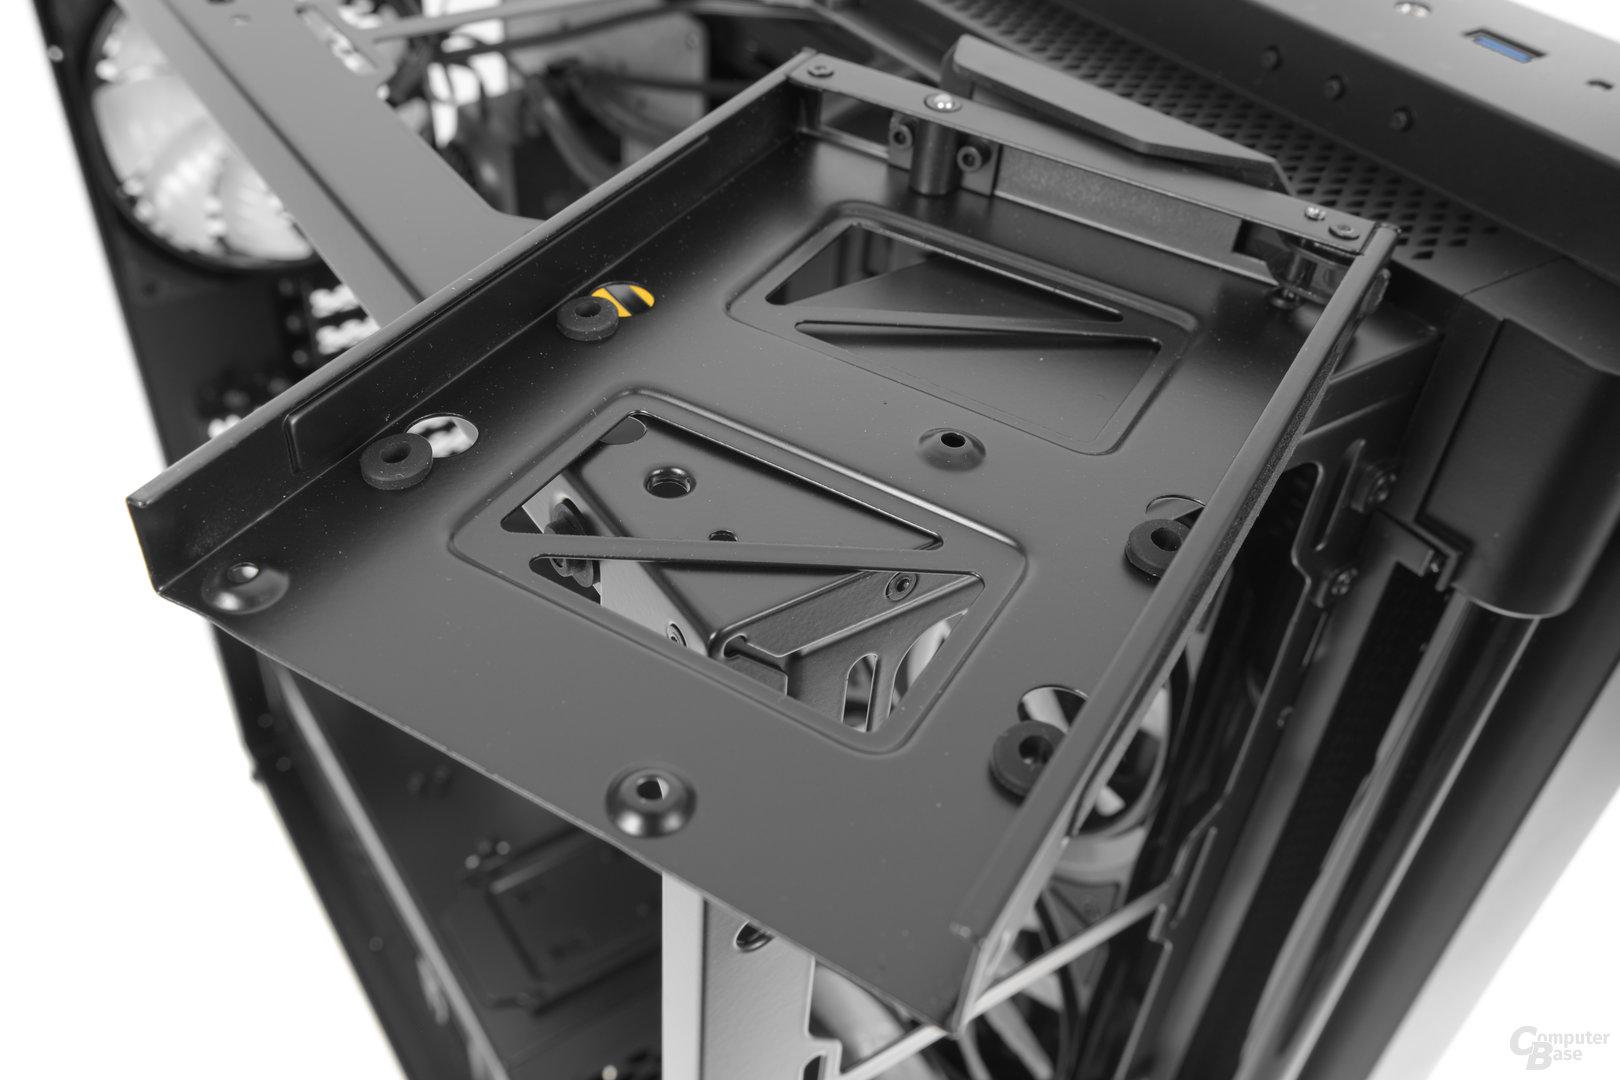 Deepcool New Ark 90 – Festplattenschiene im Detail